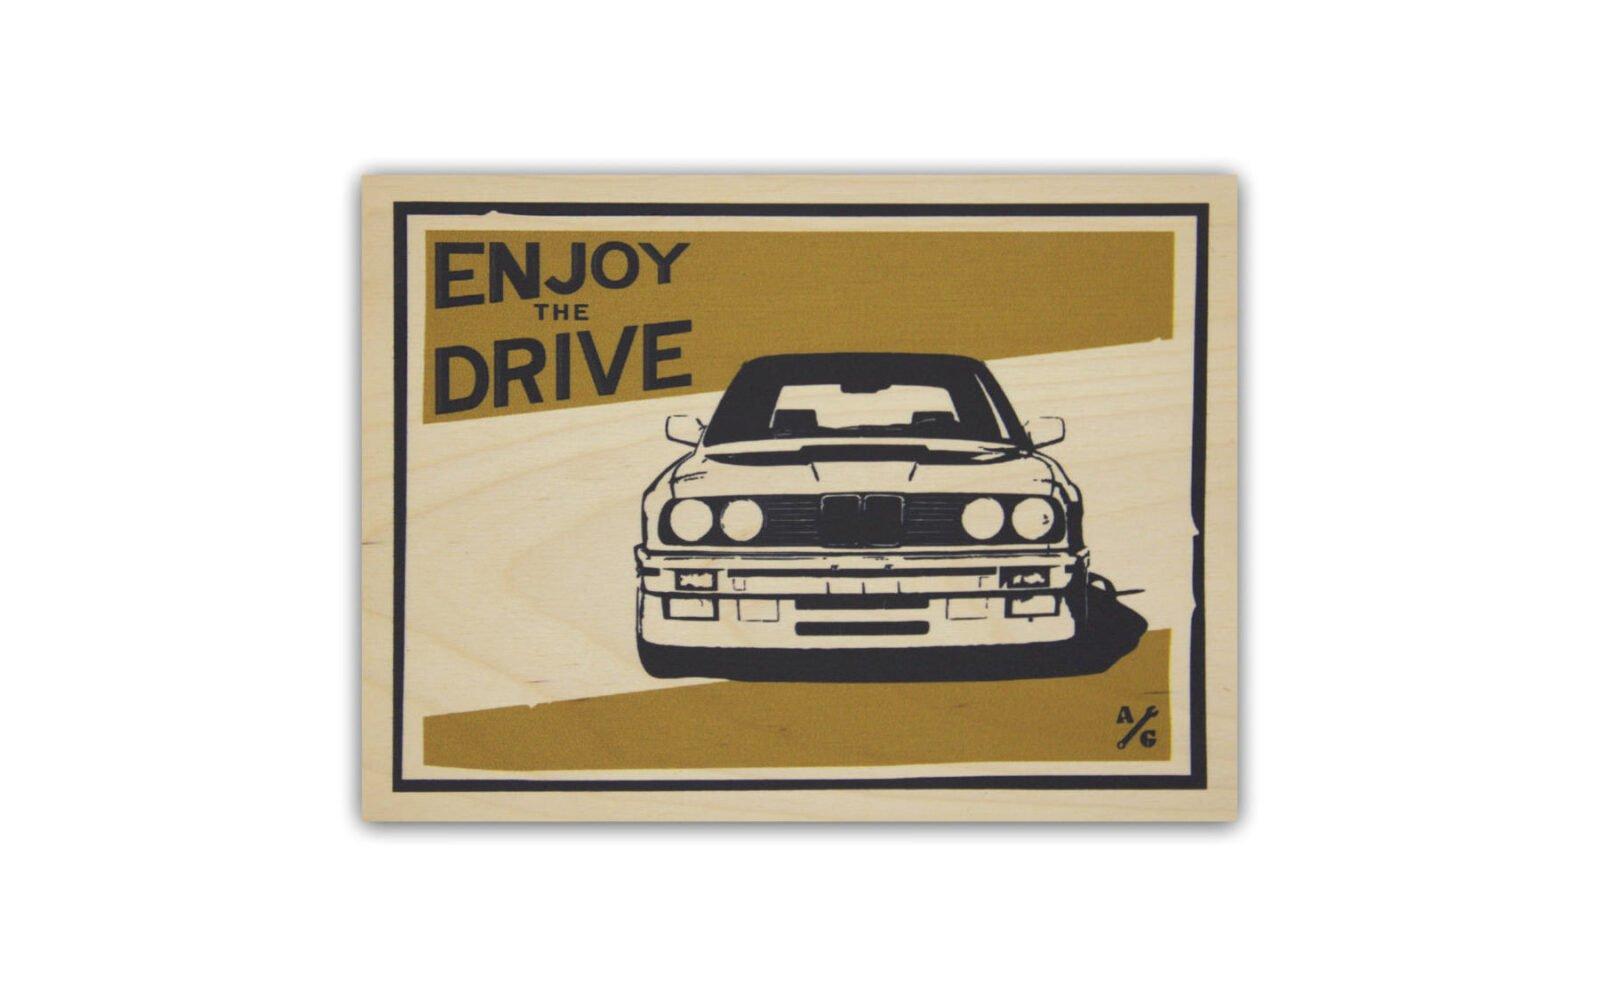 BMW E30 Wood Print by Always Garagista 1600x1000 - BMW E30 Wood Print by Always Garagista